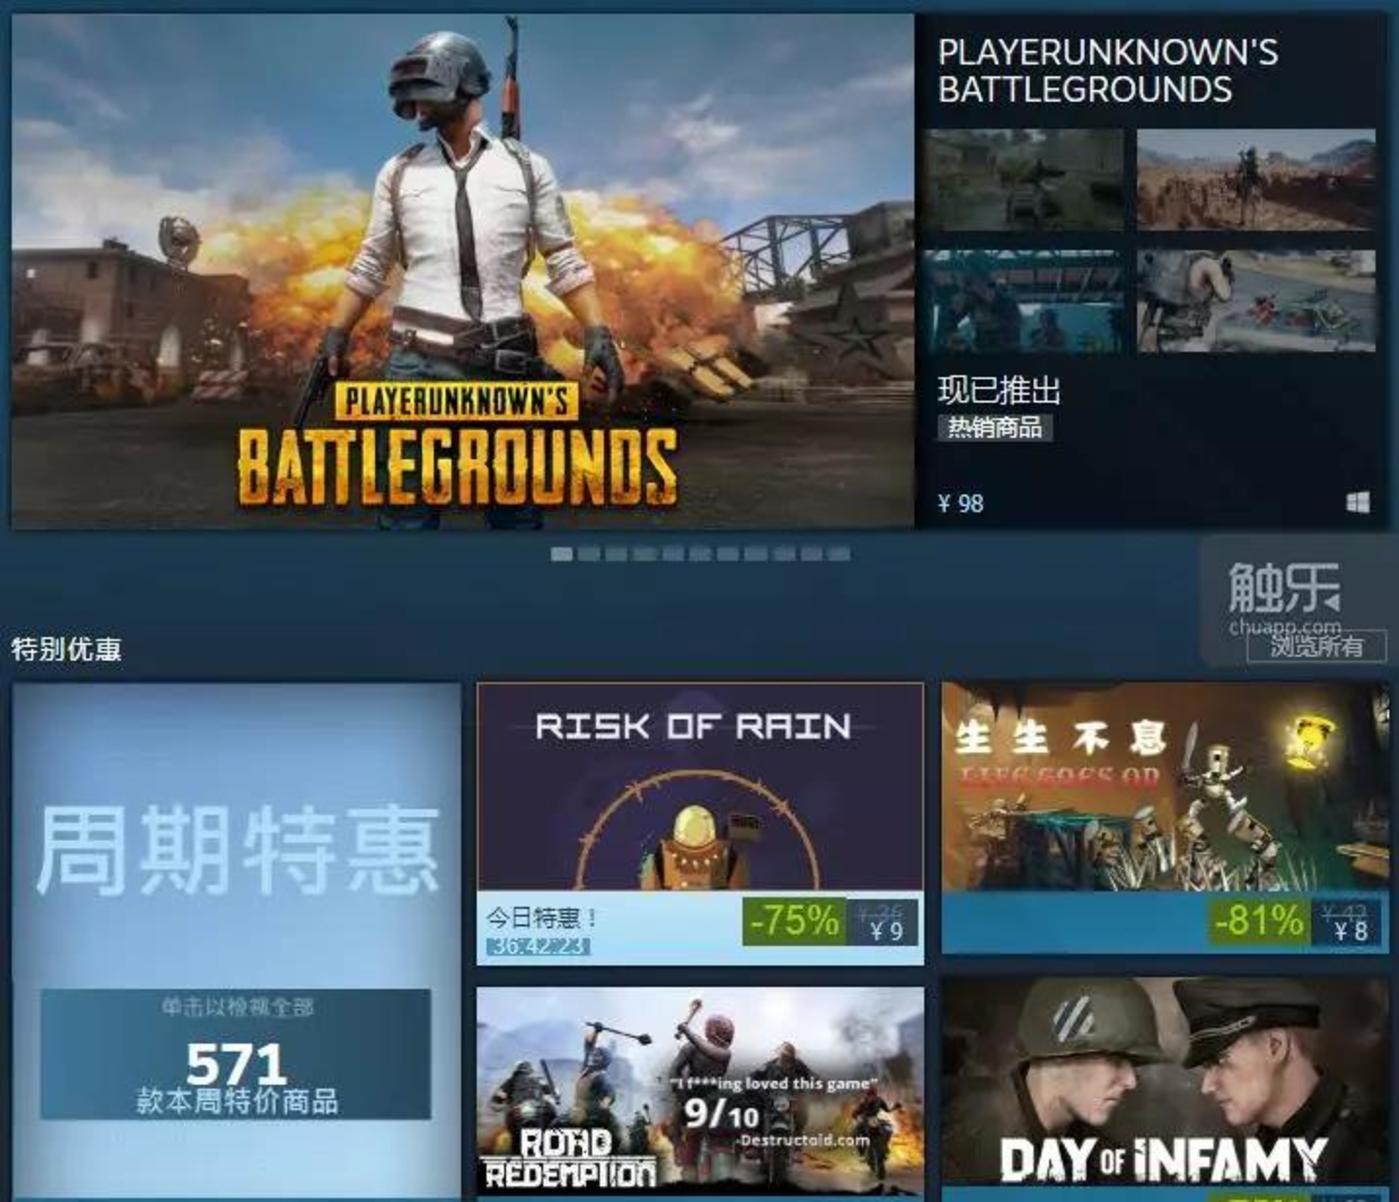 在Steam的首页推荐中,你看到的大多都是热门游戏,这减少了新的独立游戏的曝光量,也防止了大量的垃圾游戏污染首页